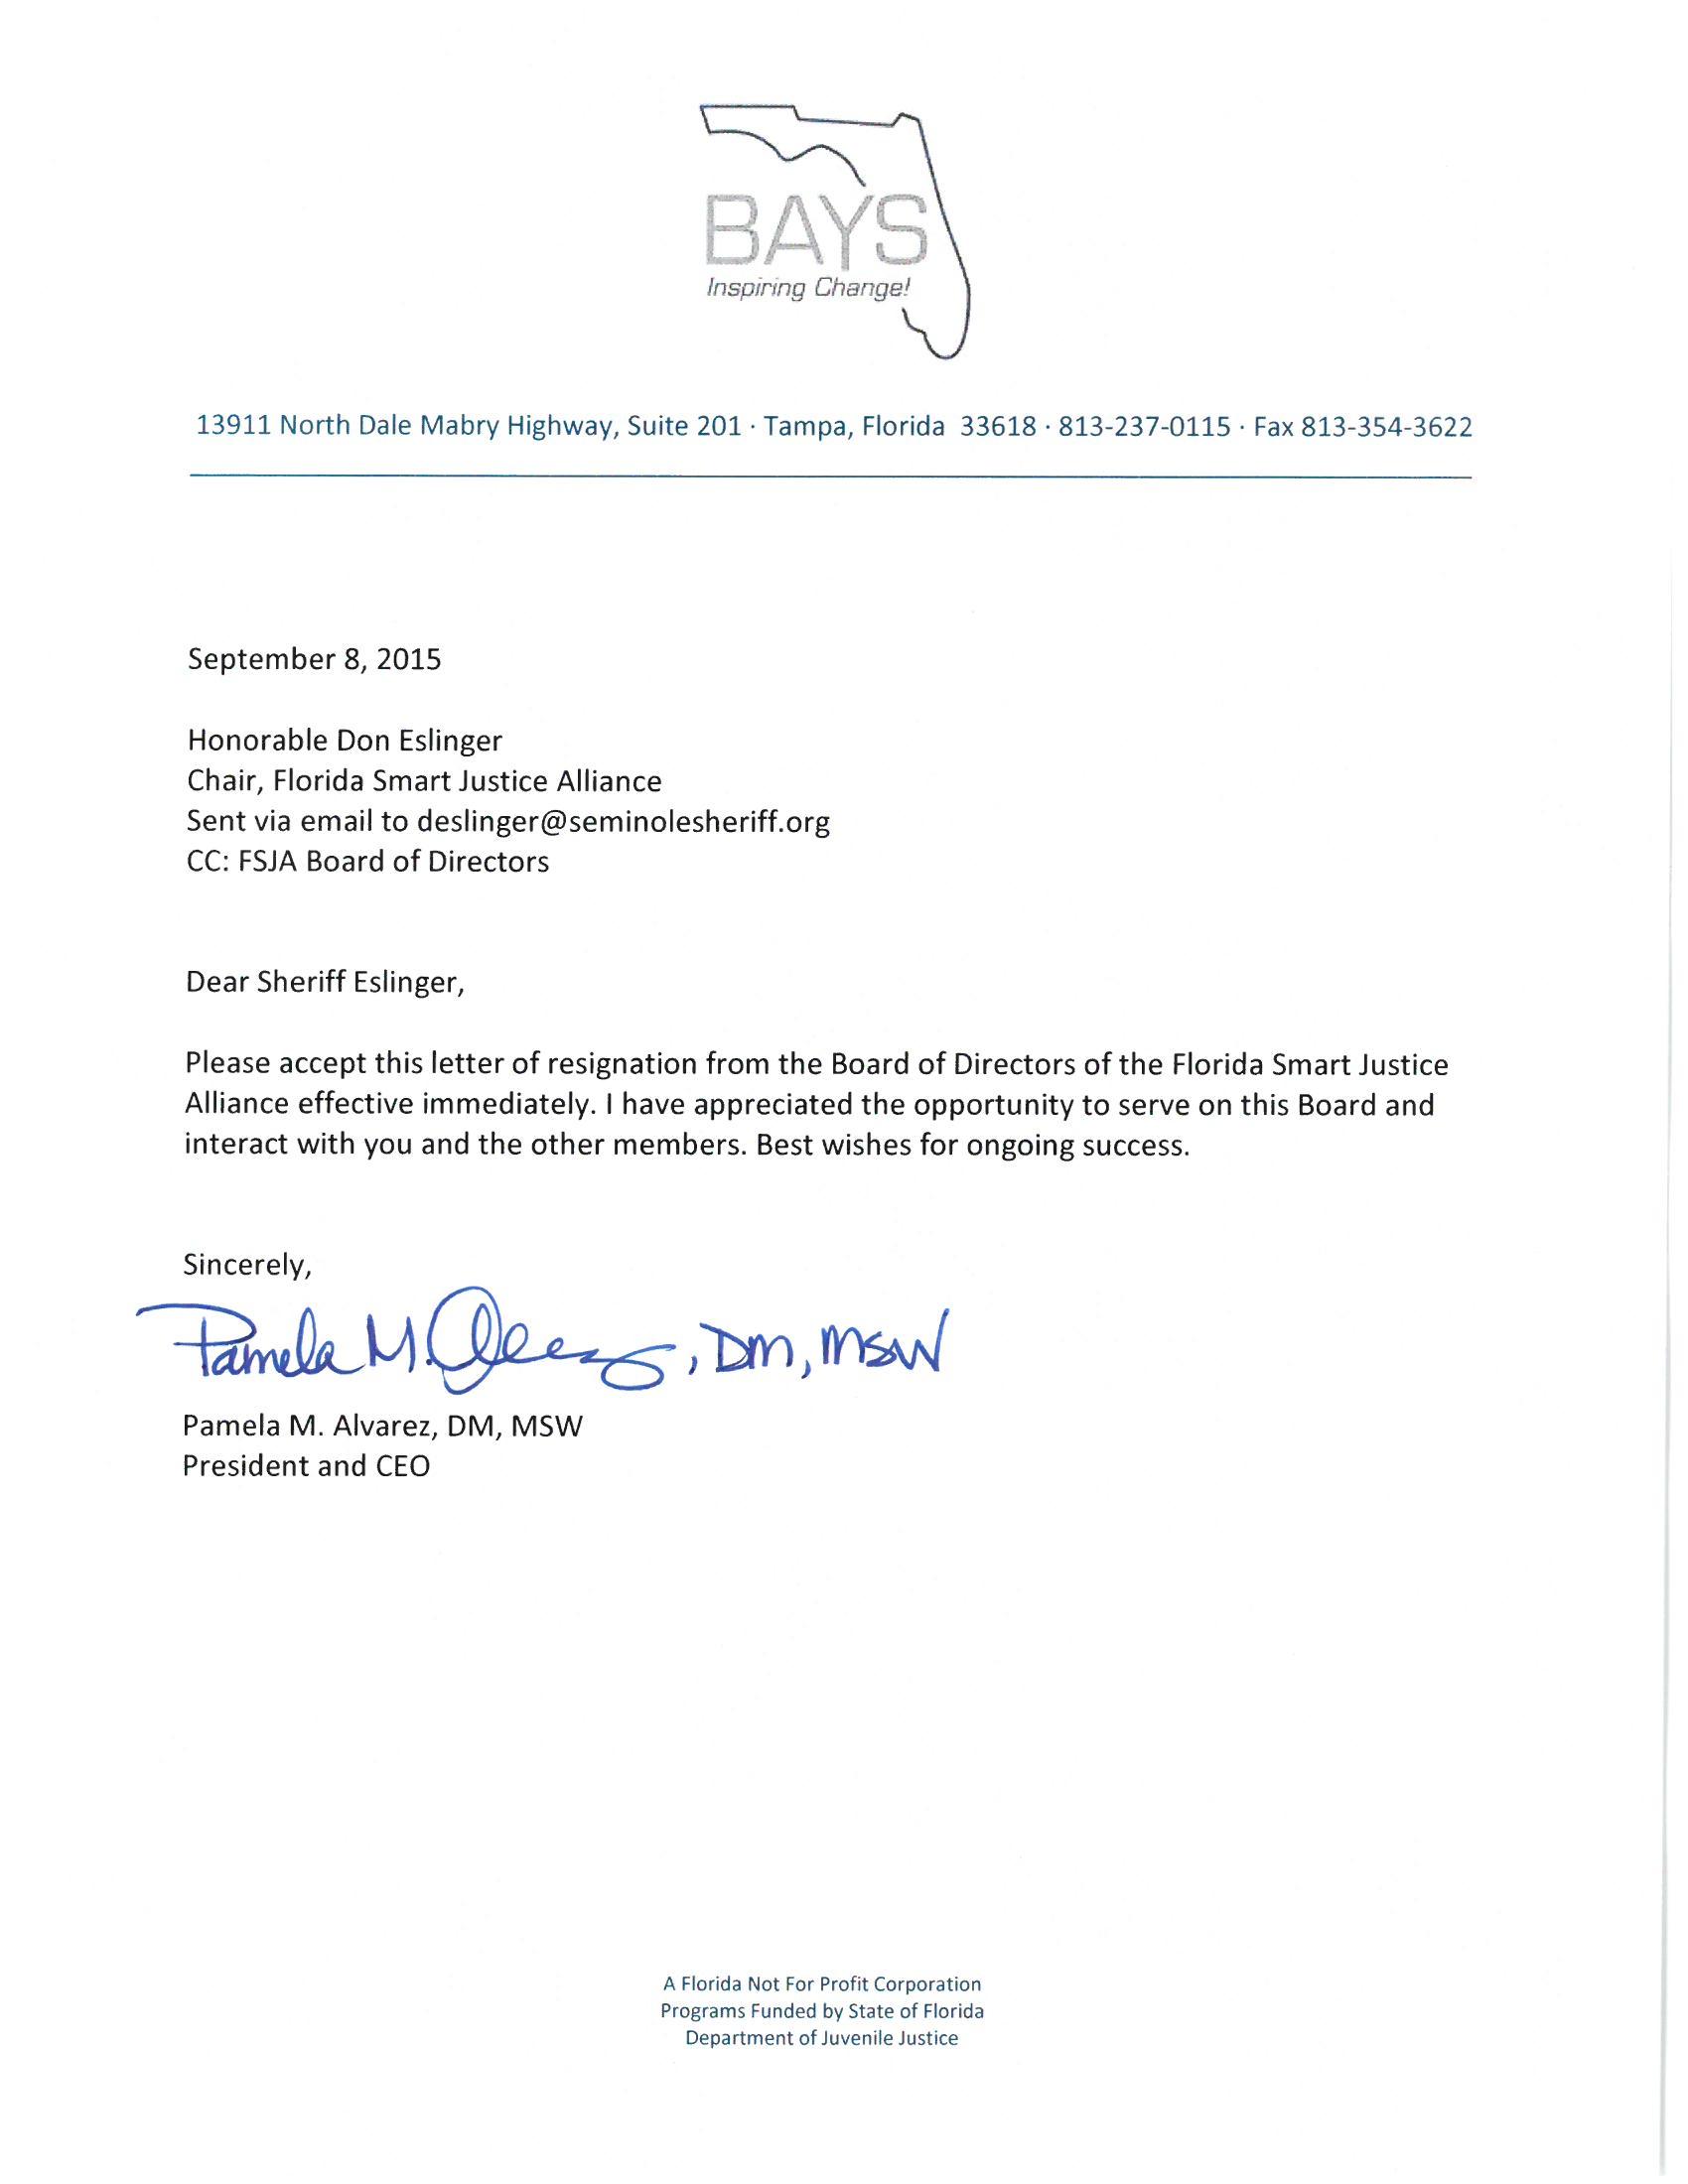 FSJA Letter of Resignation 9.8.15